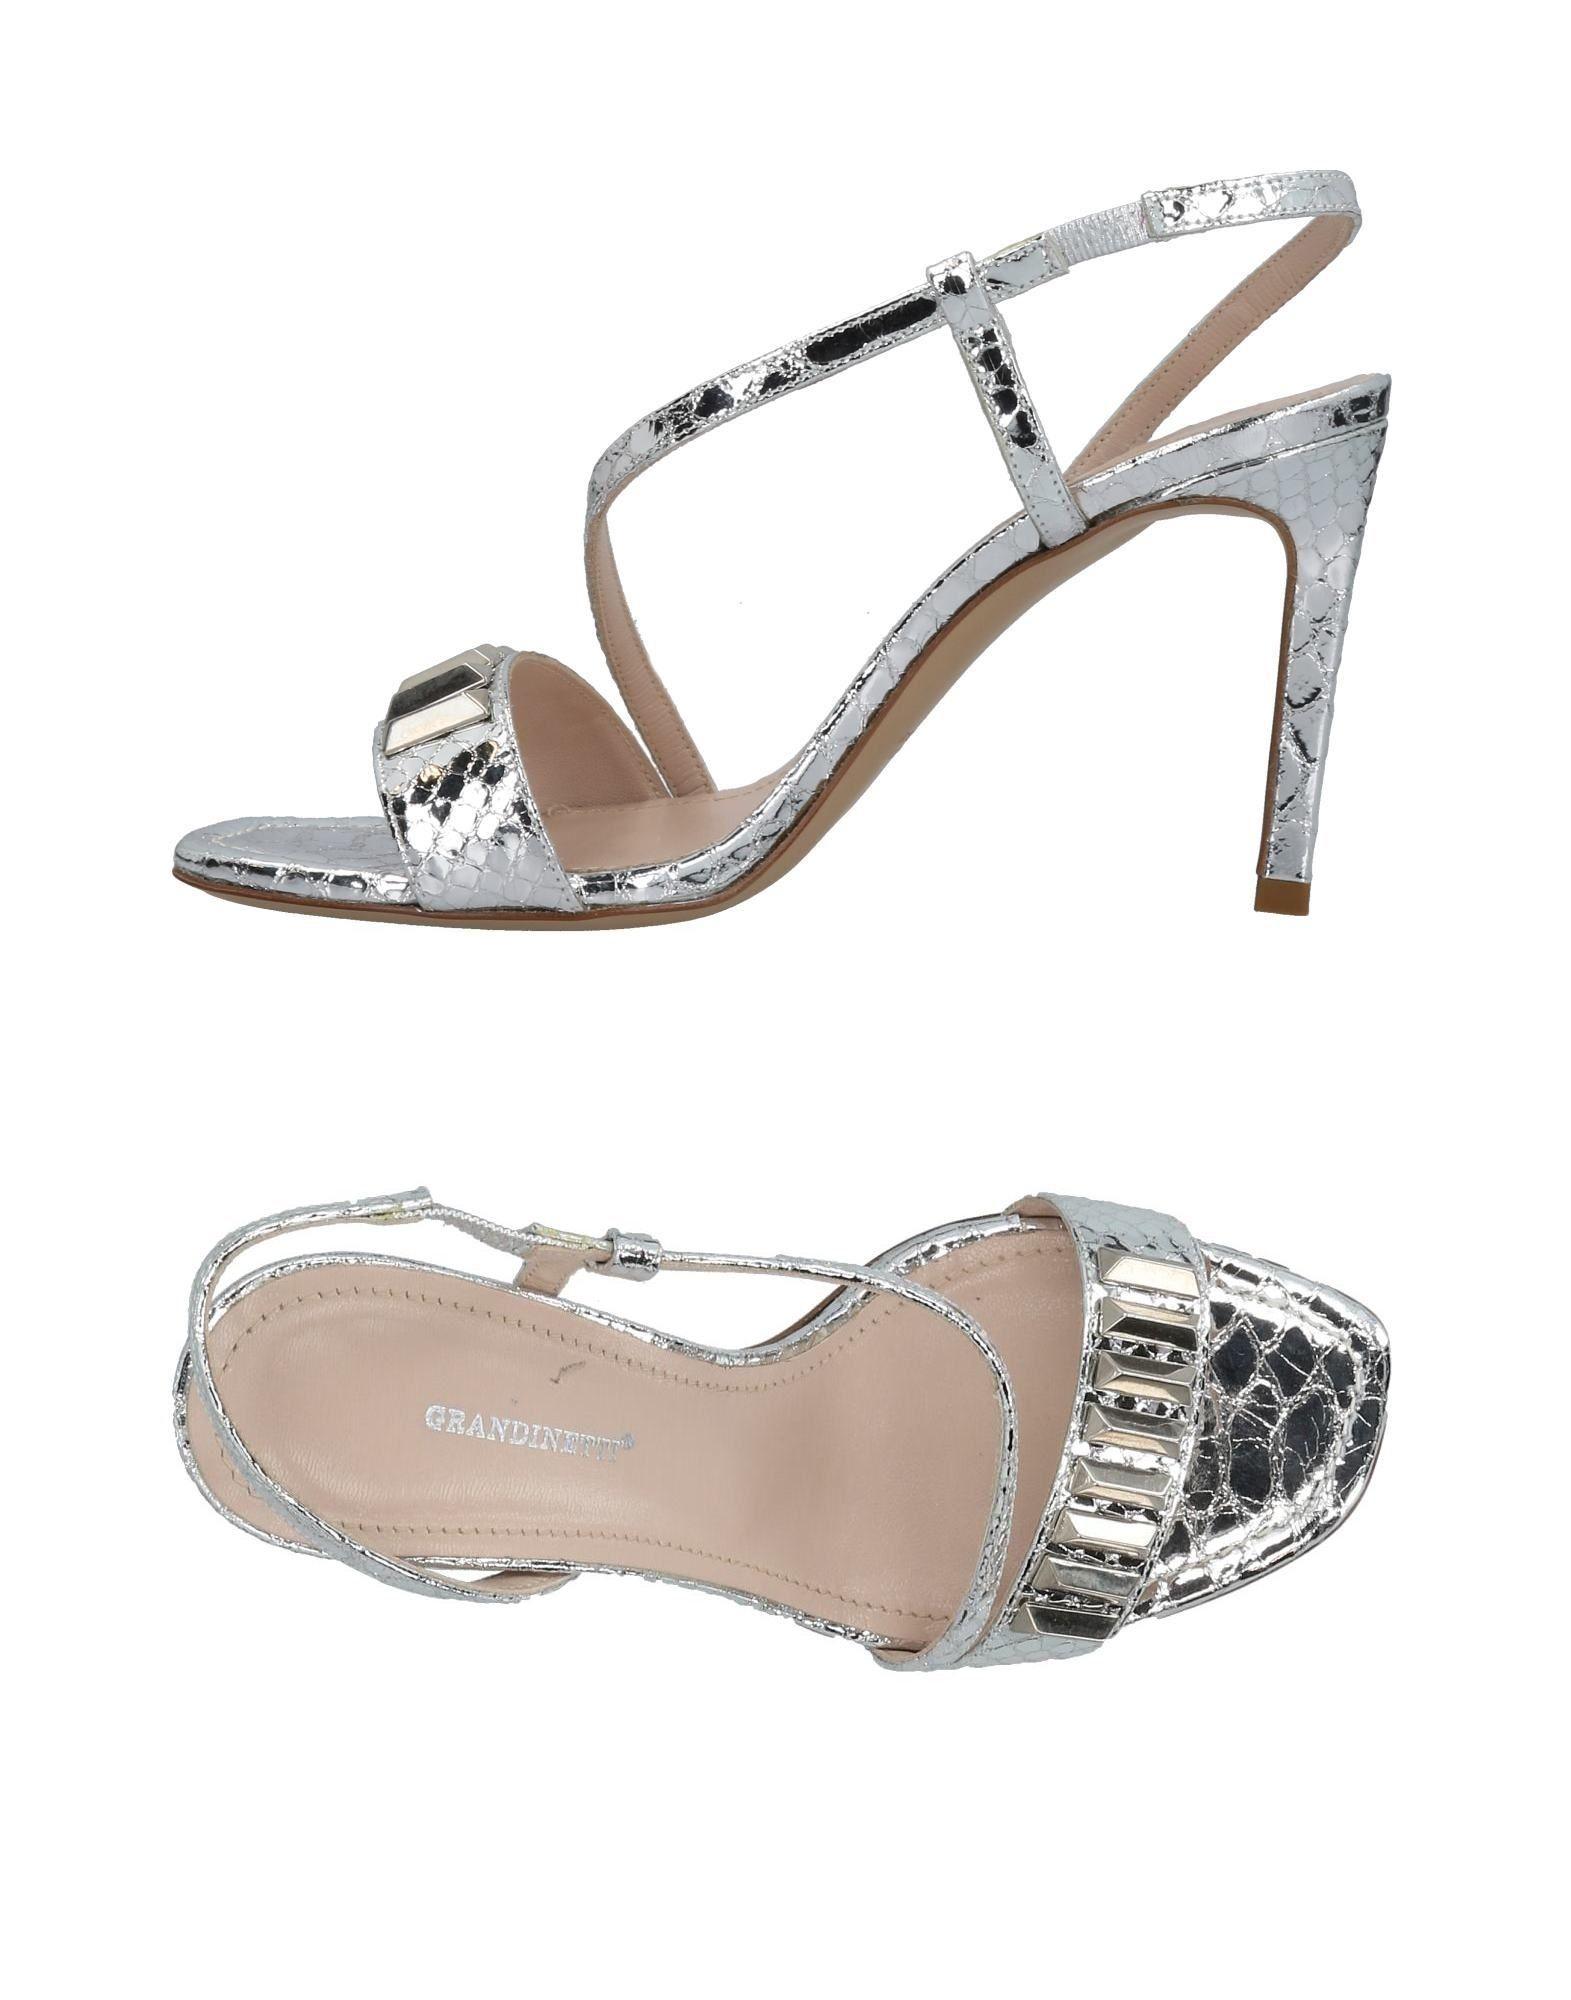 grandinetti grandinetti grandinetti sandales - femmes grandinetti sandales en ligne le royaume - uni - 11460562pj d0dd39